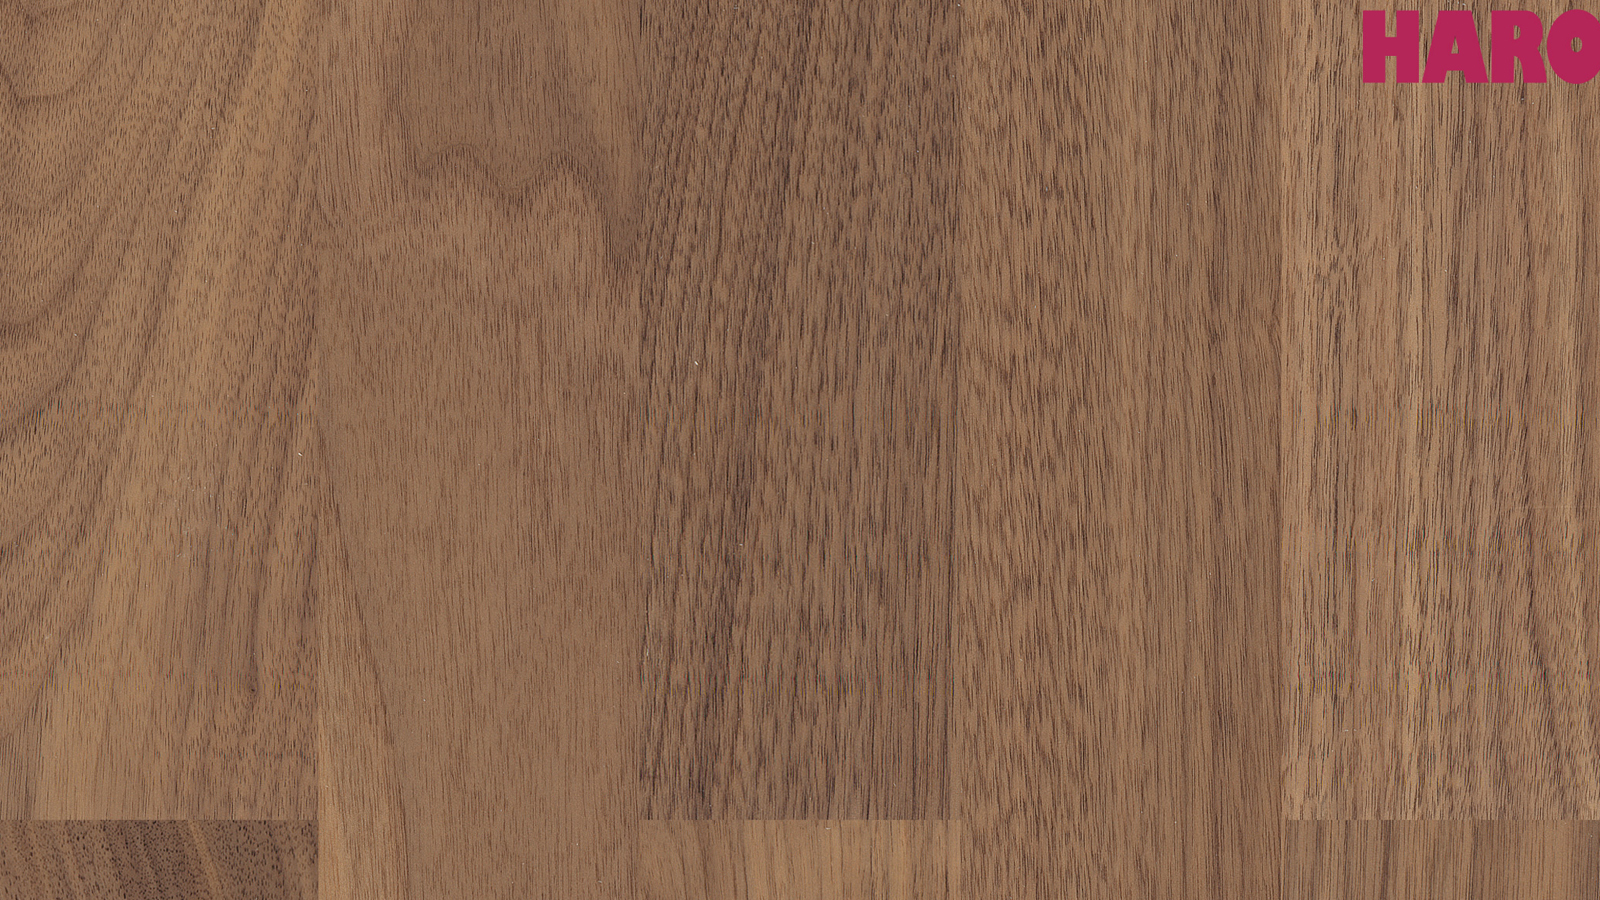 Haro-Parkett-SB-Exquisit-518568_2-1